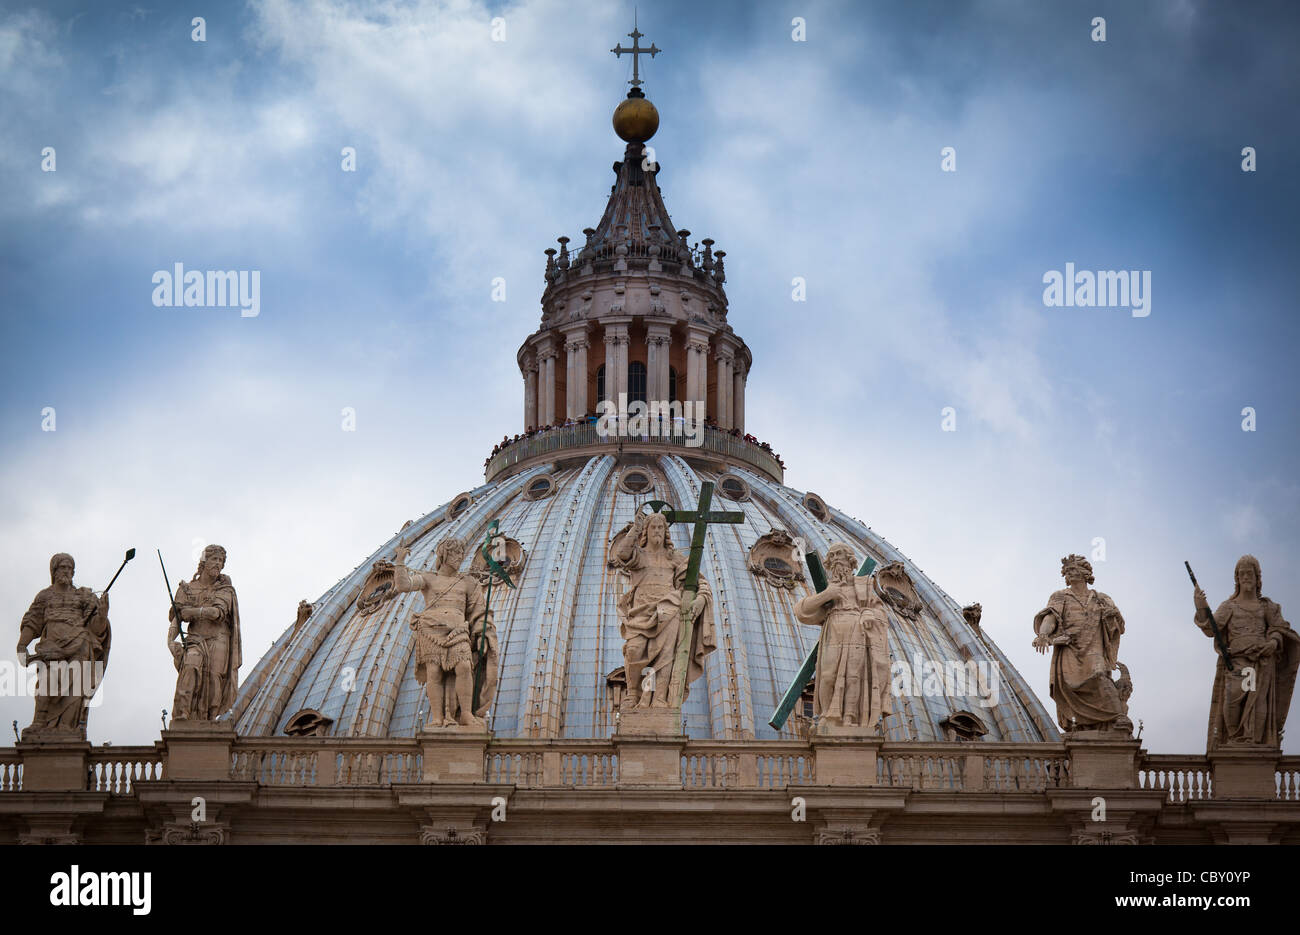 Tetto della Basilica di San Pietro in Vaticano, Roma, Italia Immagini Stock